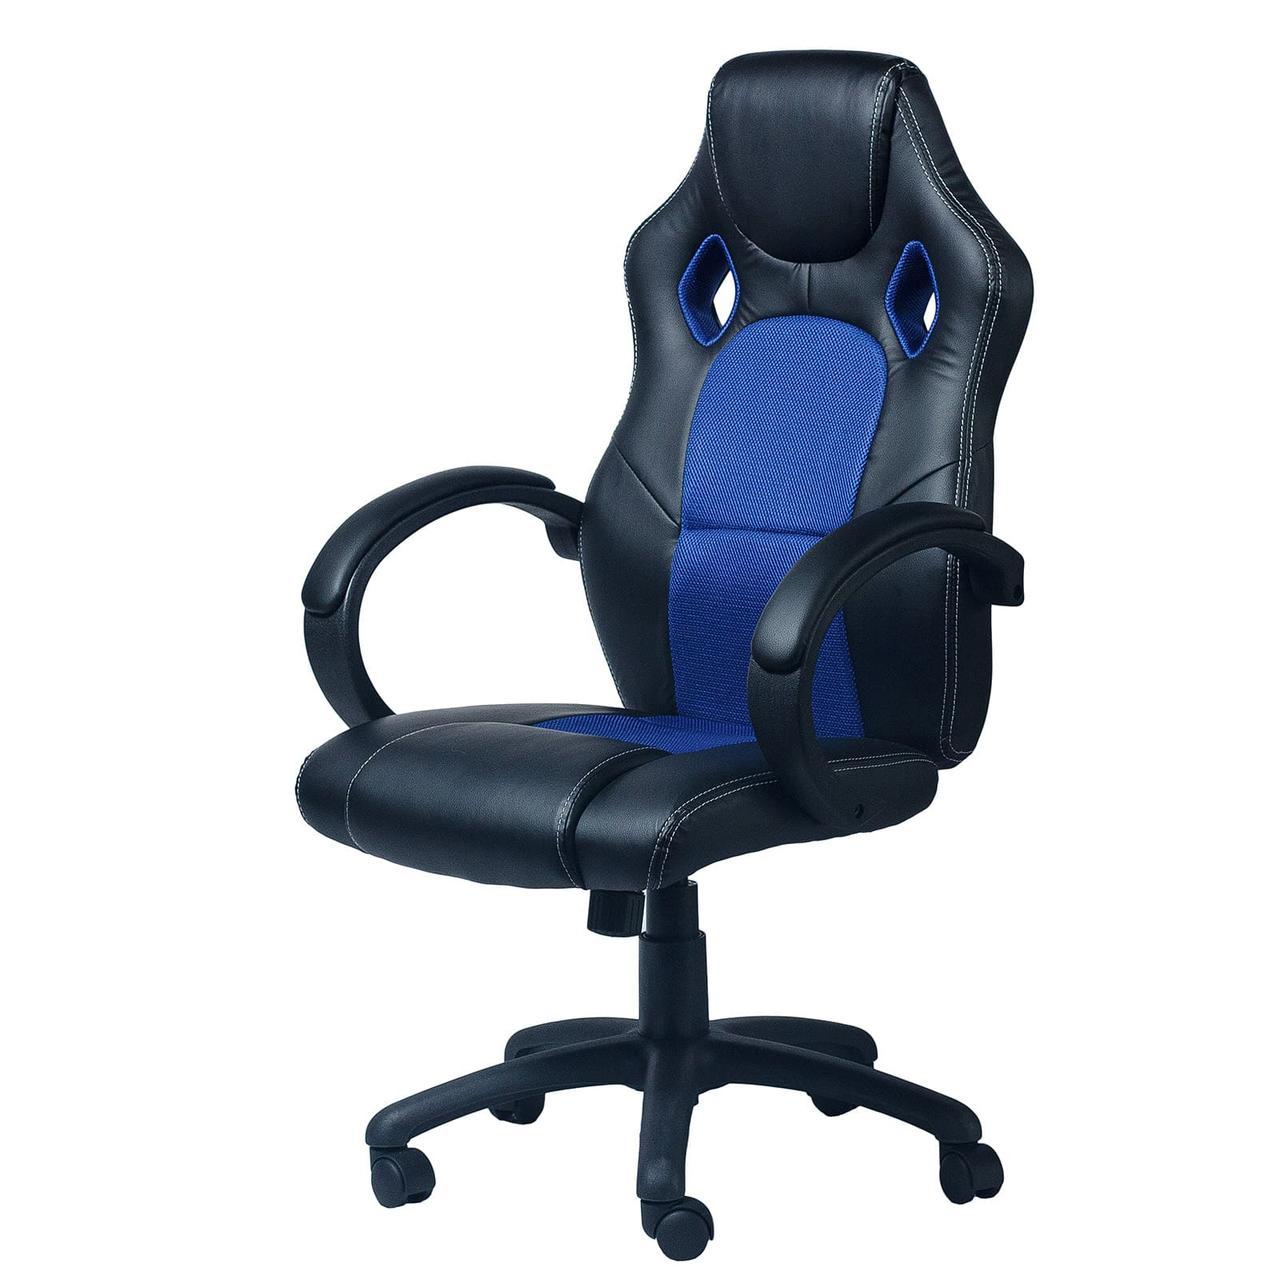 Геймерские игровые кресла Daytona